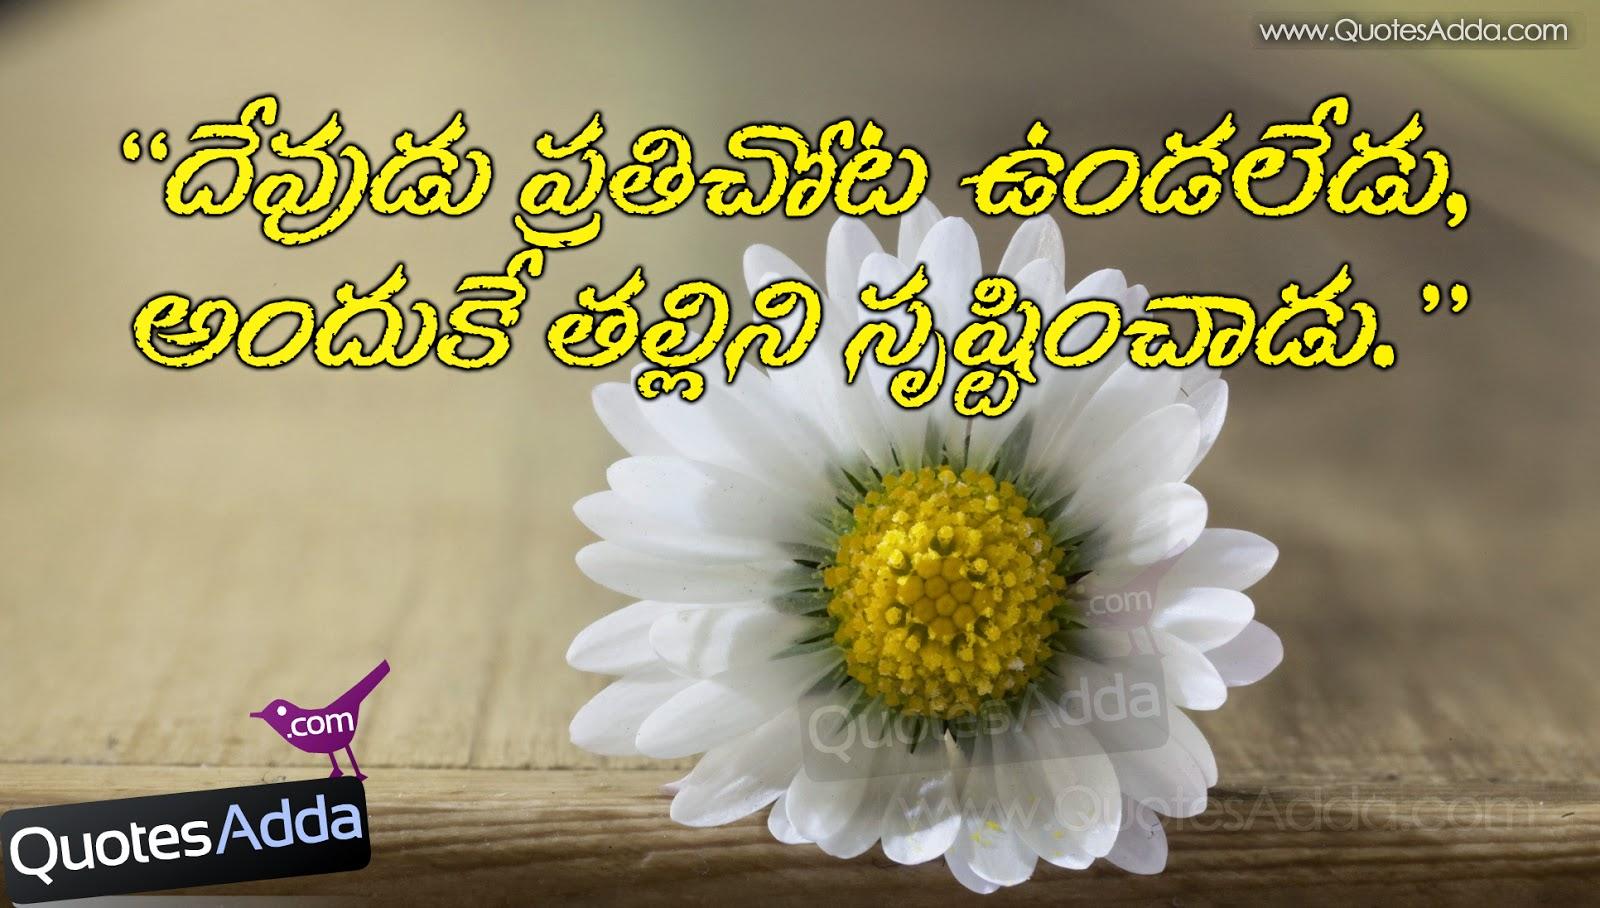 Telugu movie songs lyrics: Amma patalu in Telugu - Mother